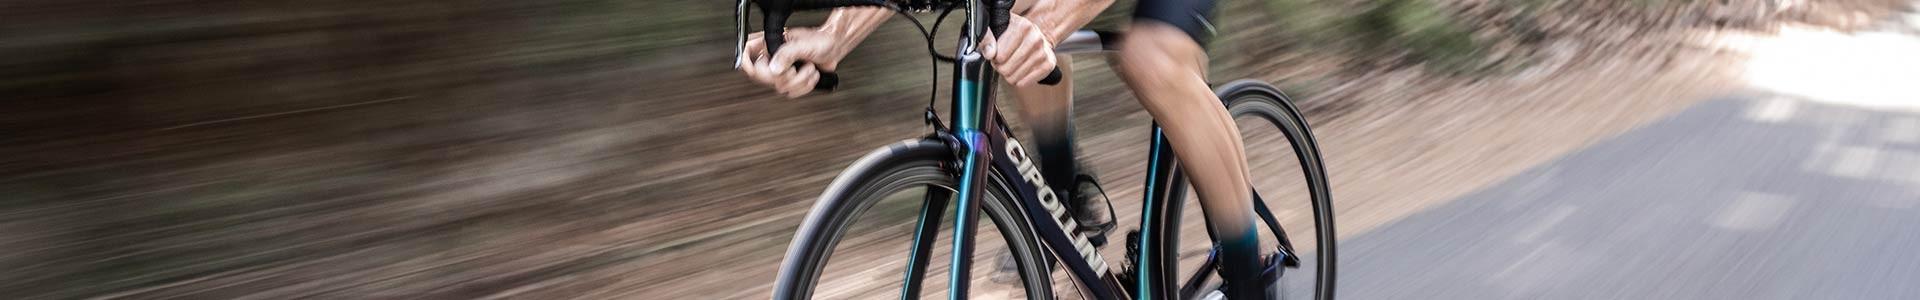 Rennrad kaufen | Rennräder namhafter Hersteller hier erhältlich|Bikespell